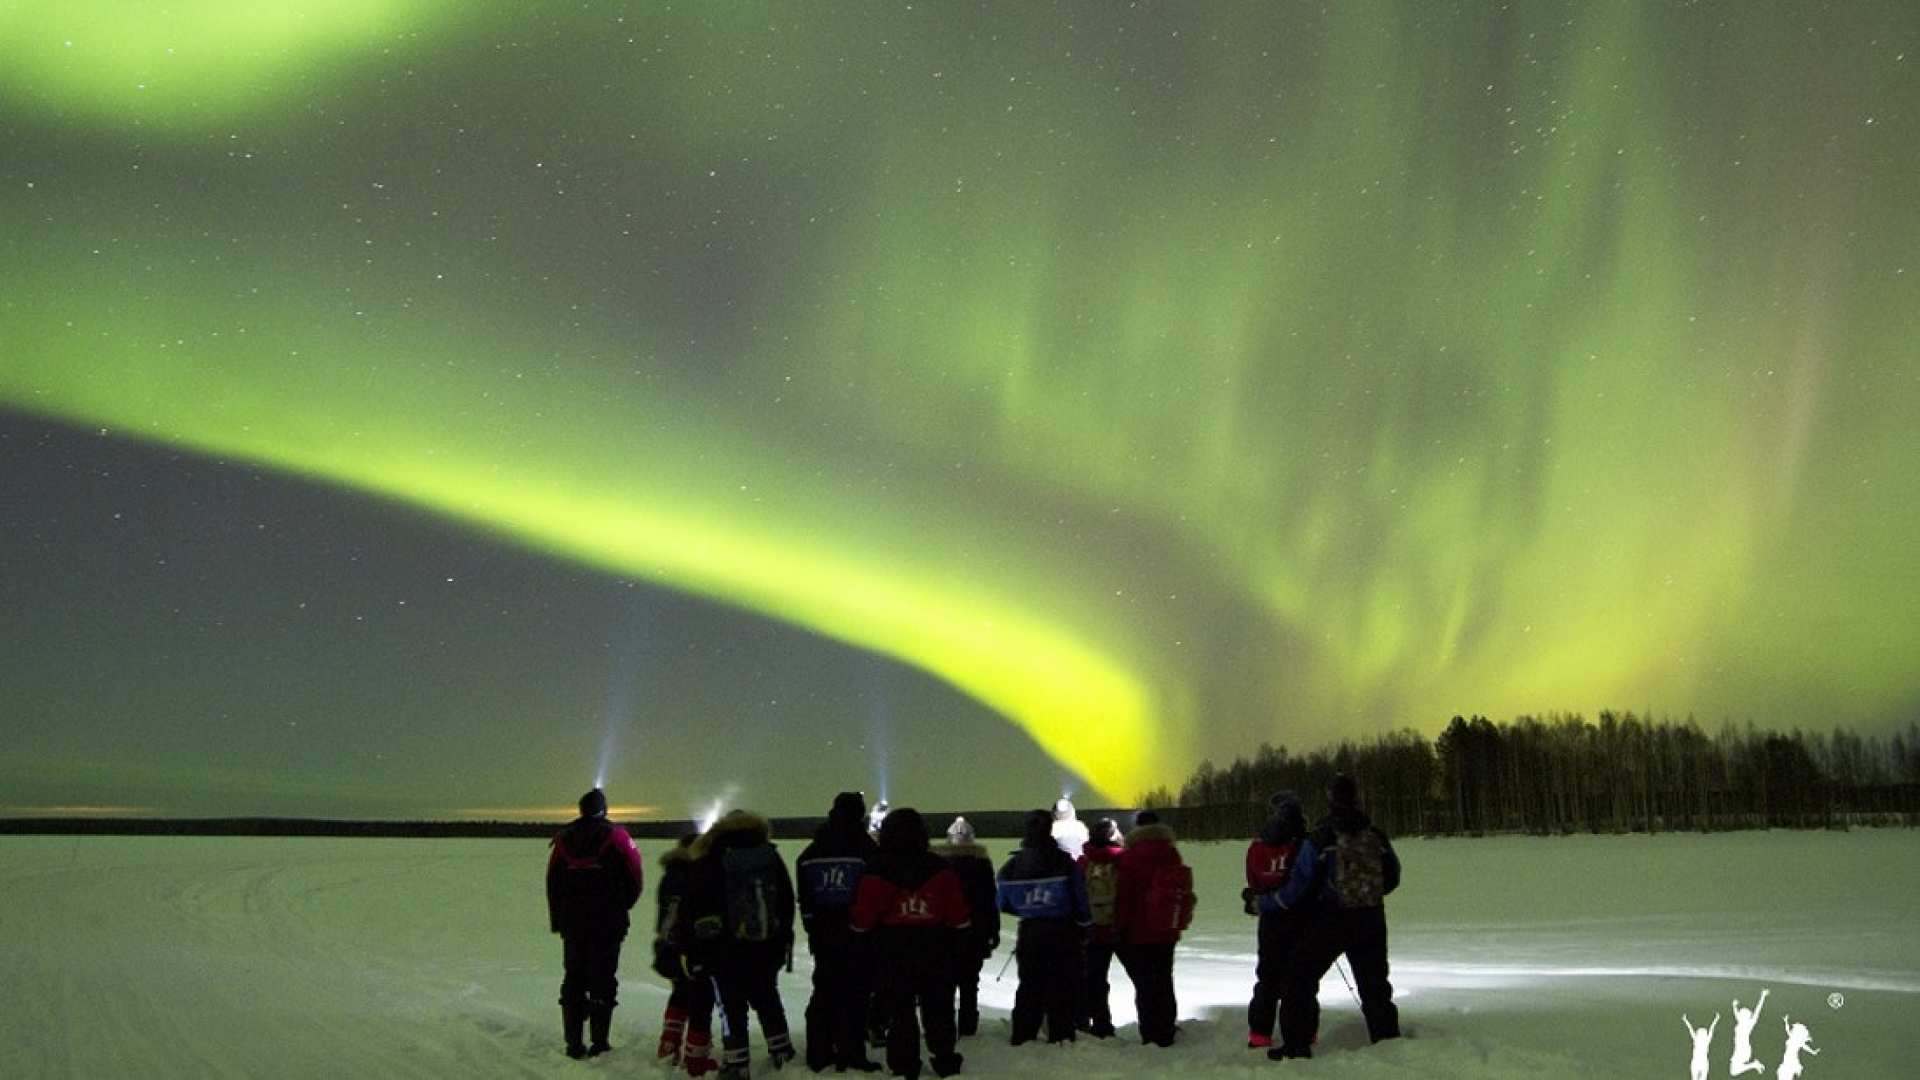 【芬蘭北極光追尋之旅】北極圏森林踏雪健行+拉普蘭特色小吃半日遊